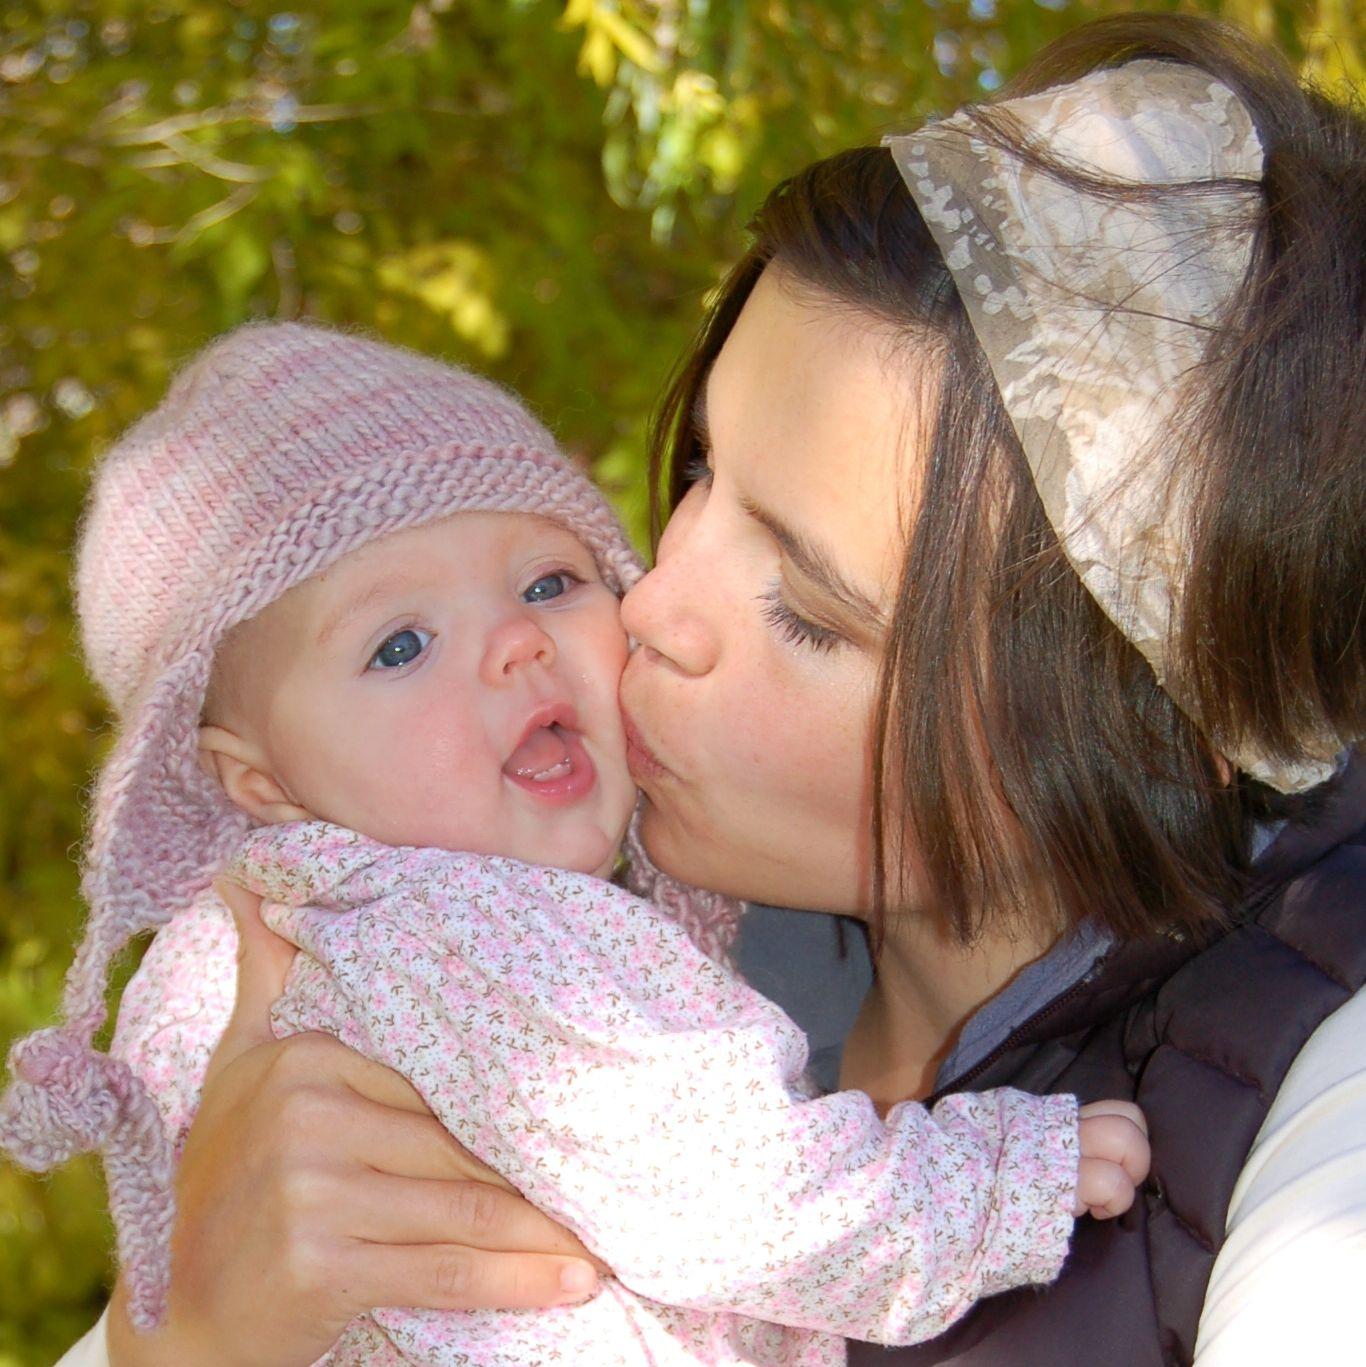 Фолиевата киселина може да се приема година преди зачеване